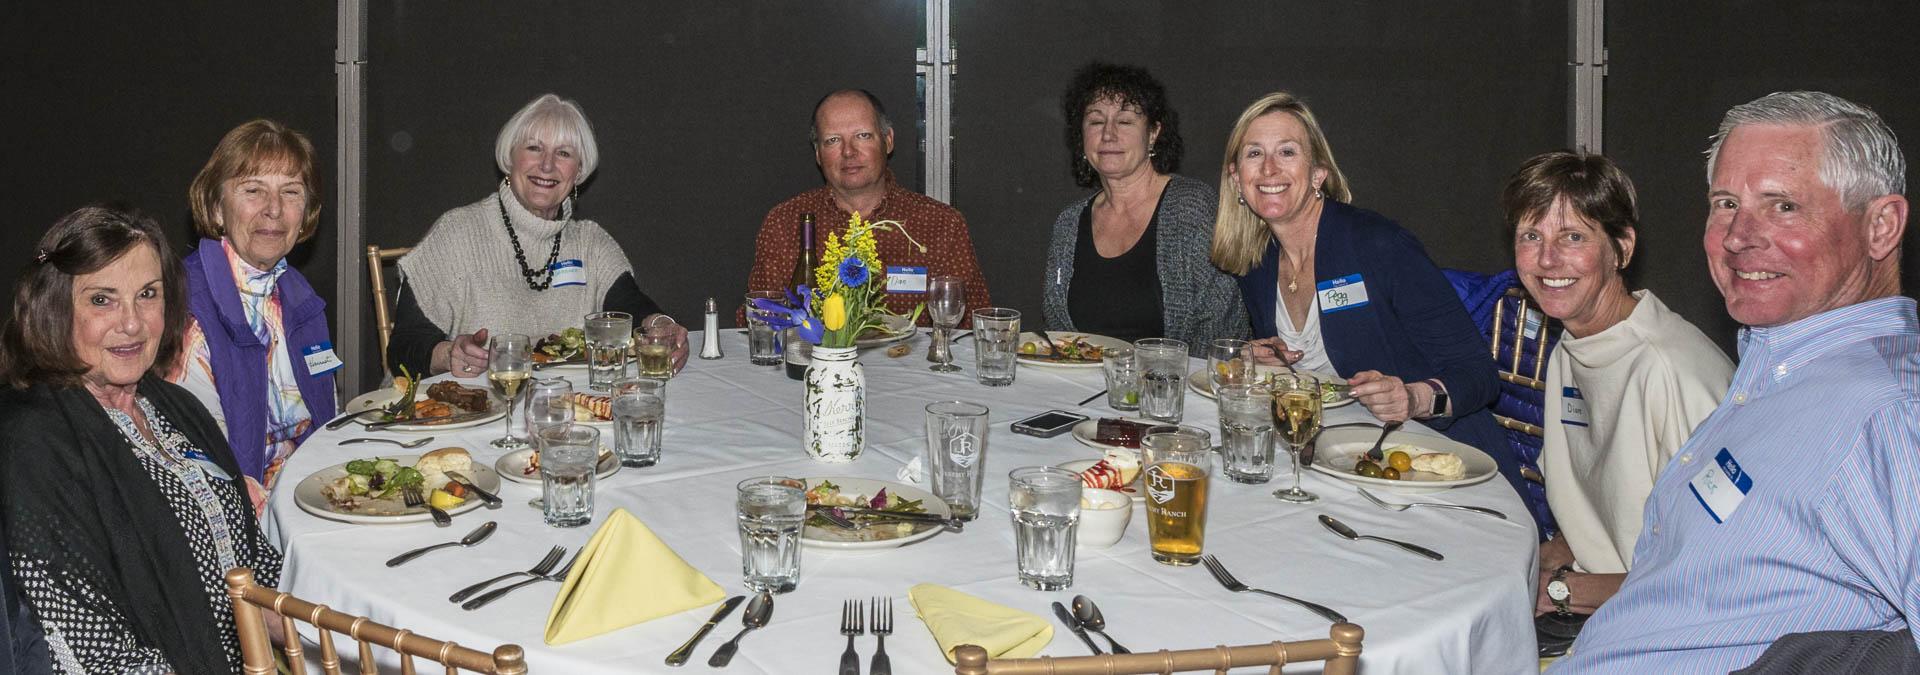 Volunteer-Appreciation-Dinner-2017-7